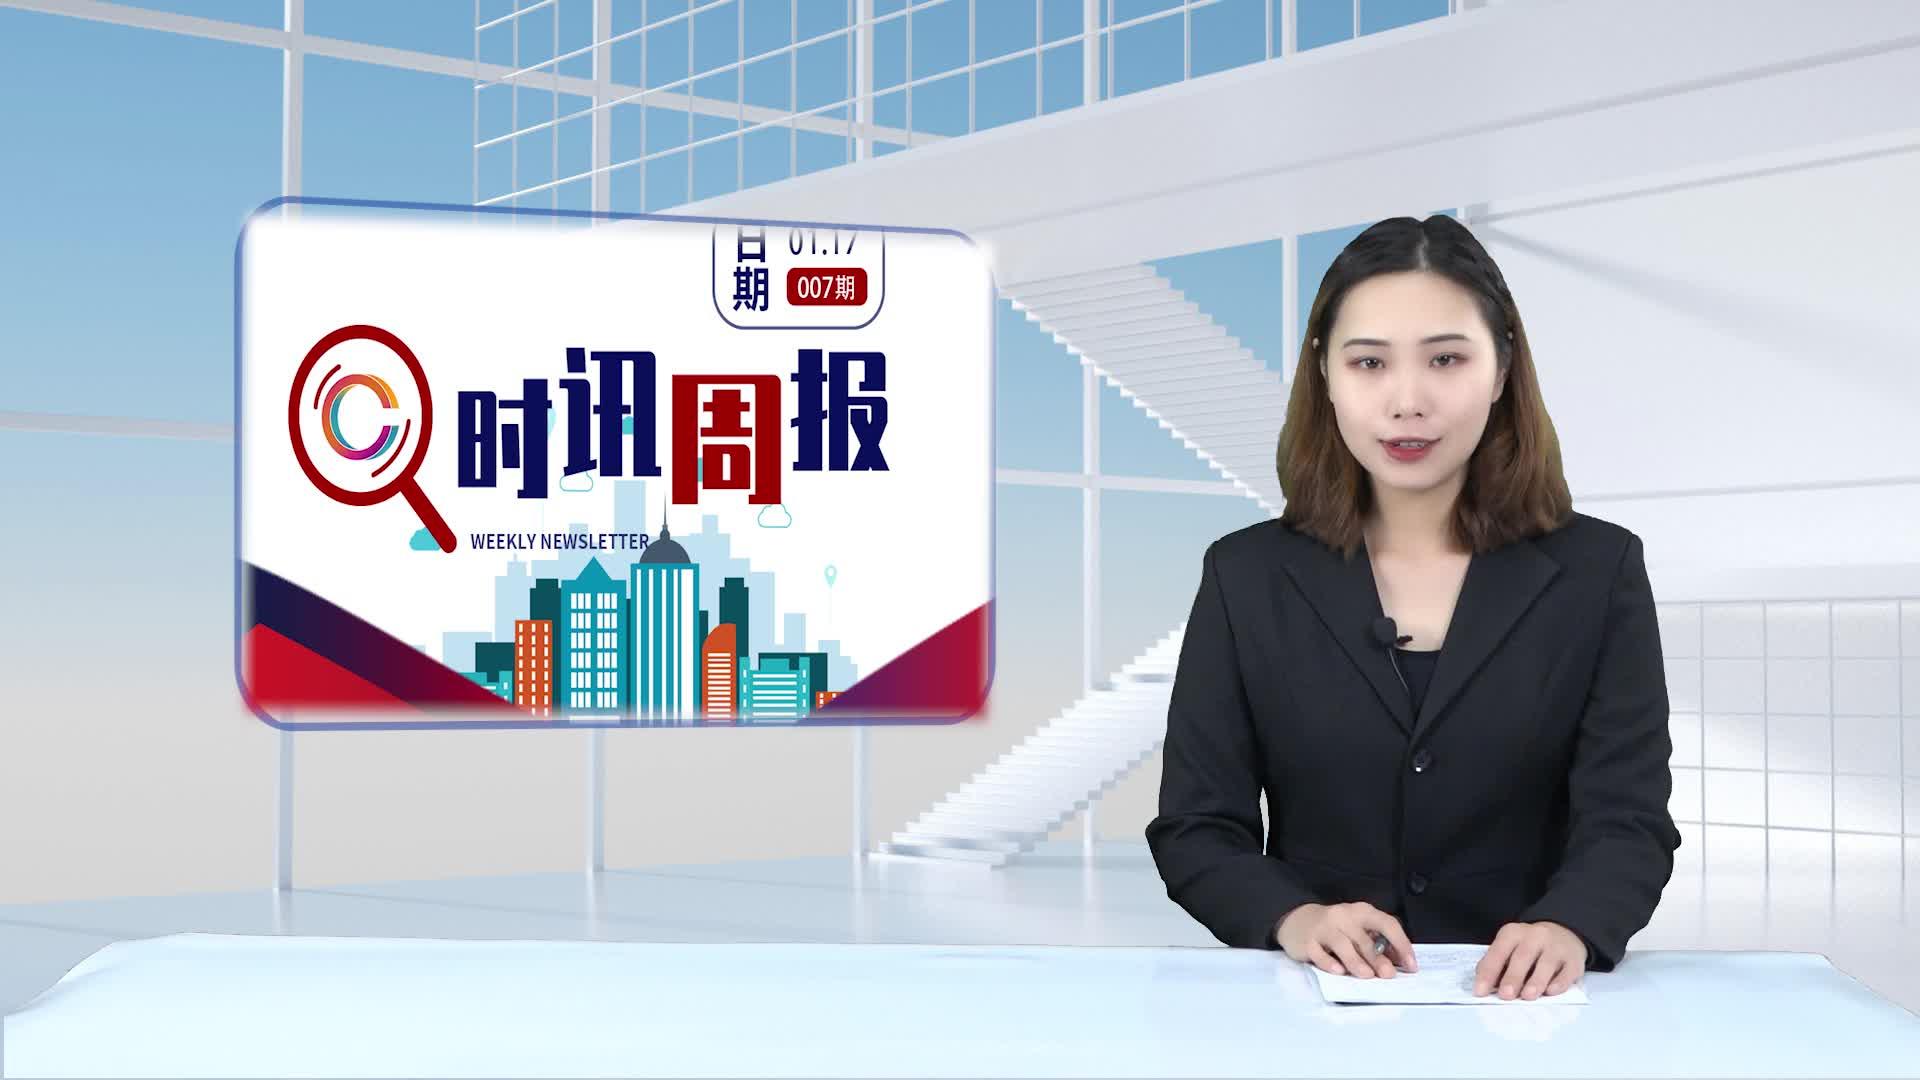 360上线Win7保护系统,上海证券新增27亿注册资本